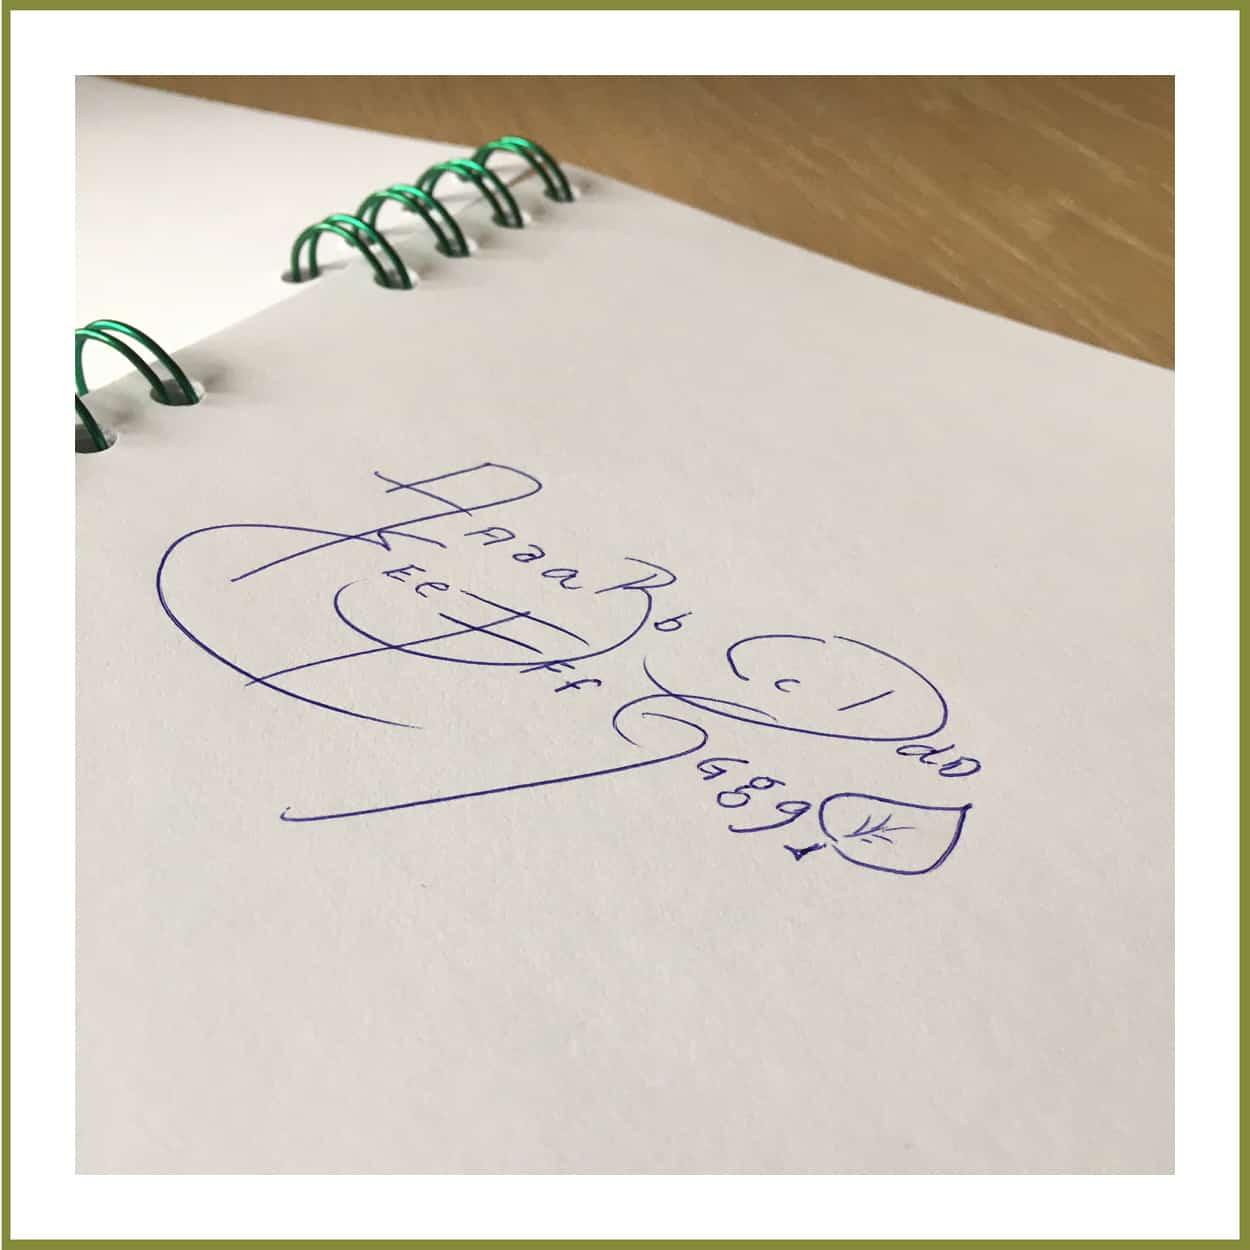 Miljørigtige kuglepenne. BetterGoGreen.dk